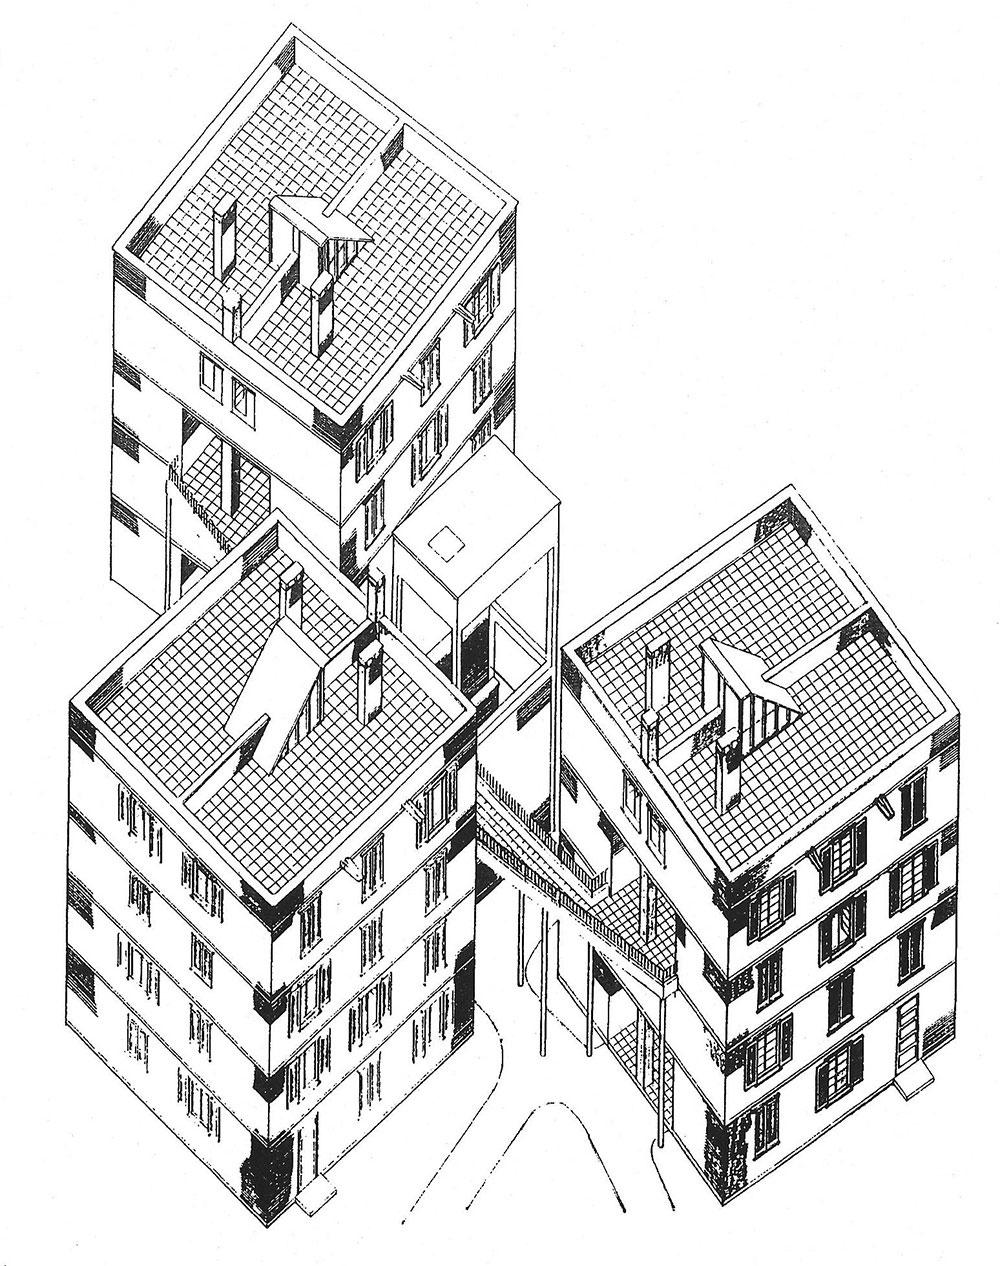 """""""Αξονομετρικό σχέδιο των Διαμερισμάτων Αστυνομικών, Ομορφίτα (μελετήθηκε από τον Κ. Χριστοφίδη και σχεδιάστηκε από τον Μ.Γ. Γιωργαλλή, 1958"""", Σιάαρ, Κέννεθ Γ., Γκίβεν, Μάικλ, Θεοχάρους, Γεώργιος. Κάτω Από το Ρολόι: Αποικιακή Αρχιτεκτονική και ιστορία στην Κύπρο, 1878-1960, Τράπεζα Κύπρου, Λευκωσία: 1995, σελ. 105"""